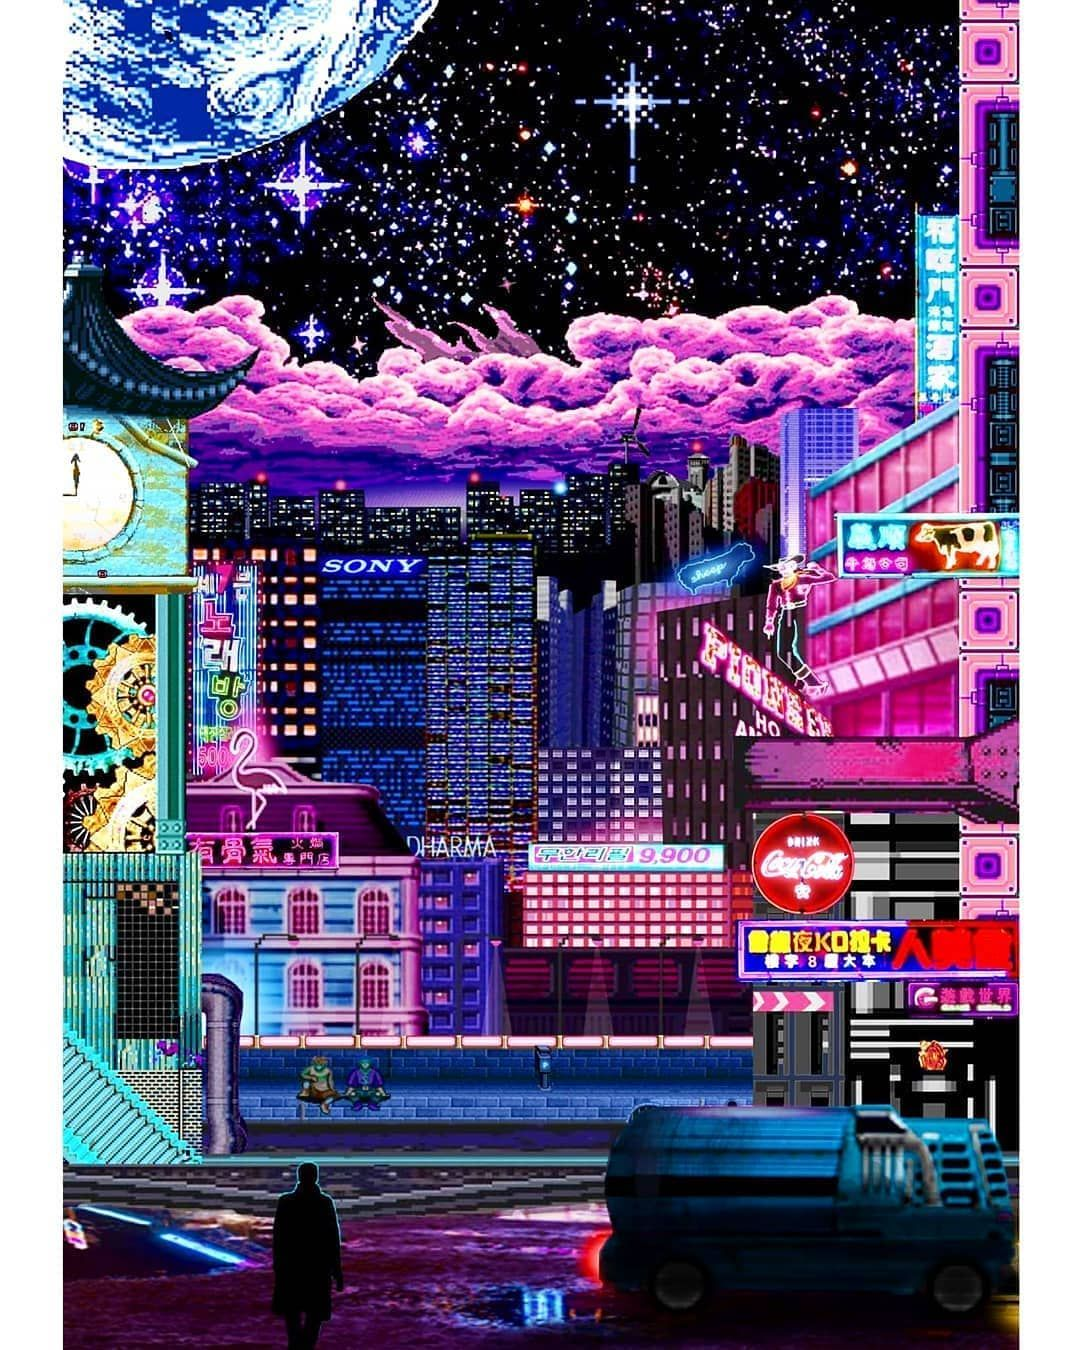 A Vaporwave Future Inspired By Bladerunner Pixelart Vaporwave Aesthetic Digitalart Retro Cyberpunk Synthw Vaporwave Wallpaper Aesthetic Art Pixel Art